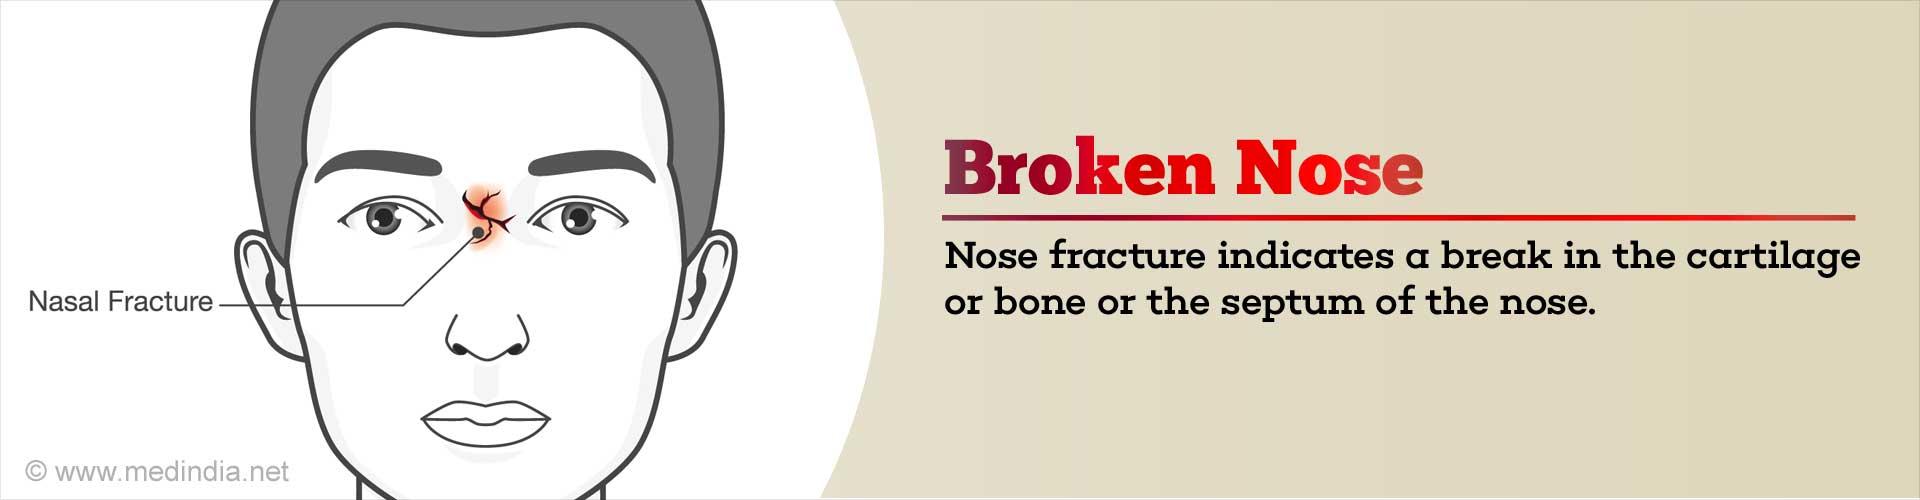 Broken Nose (Nasal Fracture)